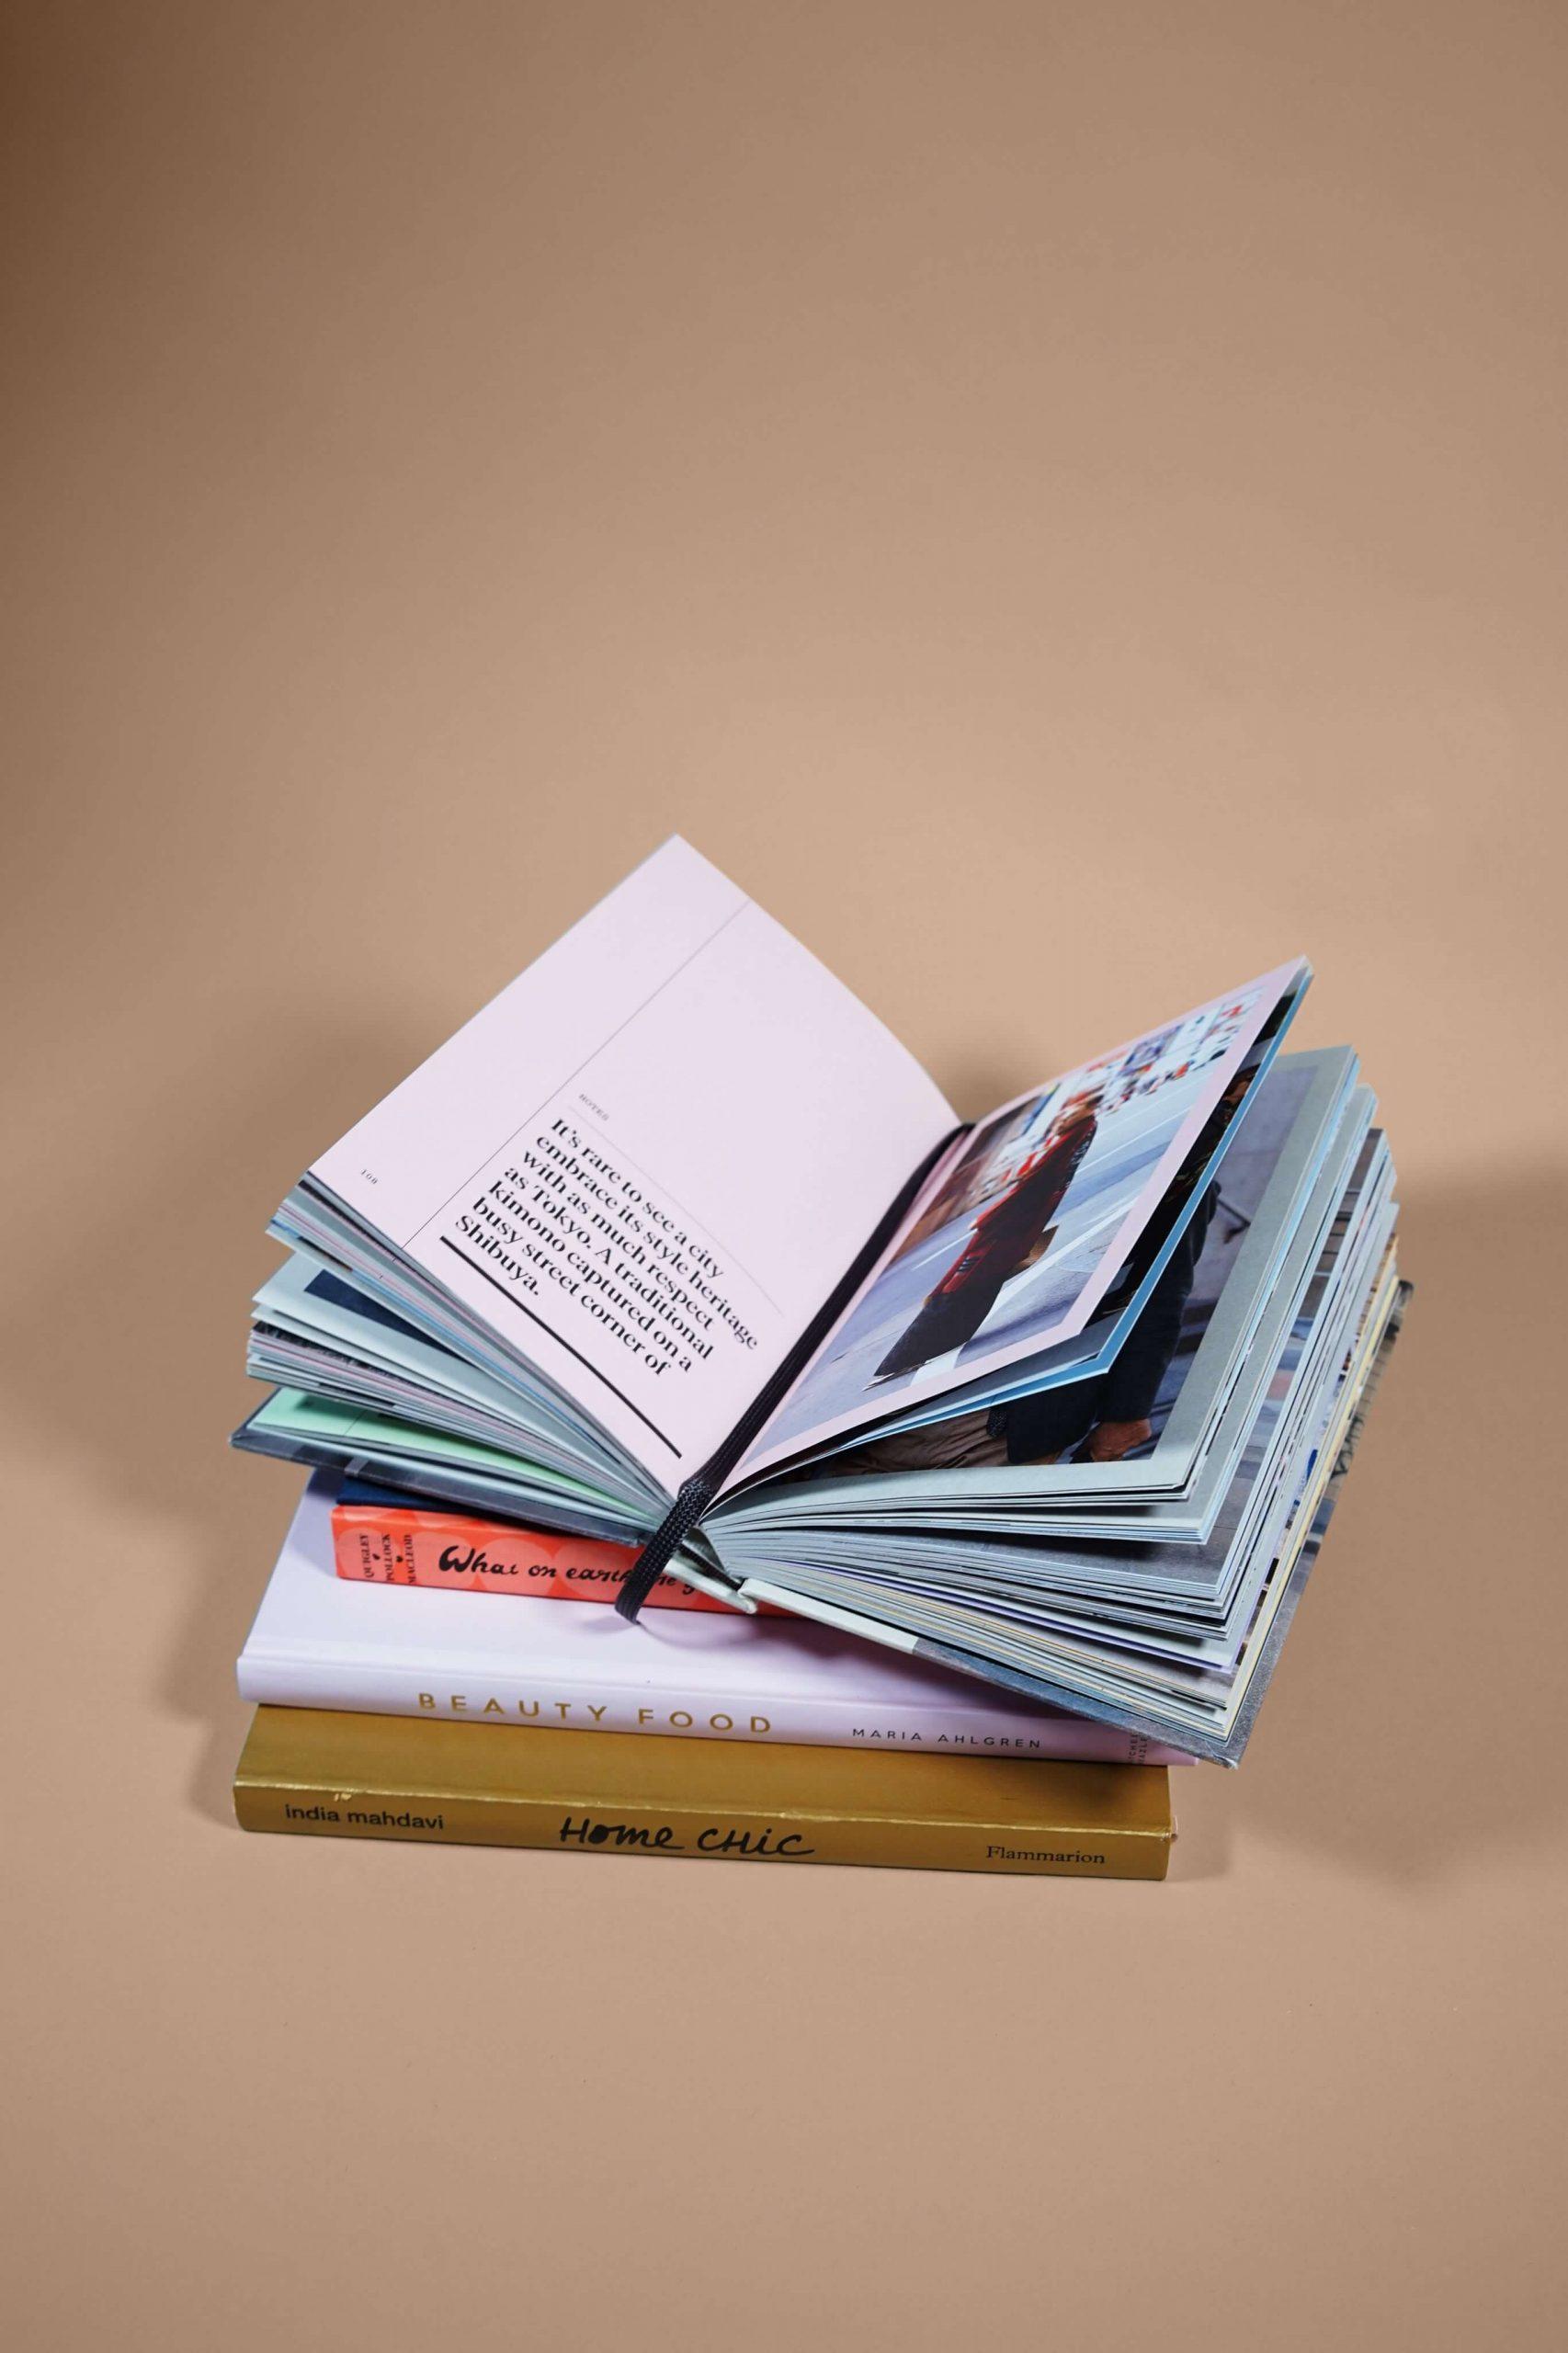 Manual identitate vizuală, Elemnte de design grafic precum: Logo, cărți de vizită, materiale promoțional, cataloage, bannere, cover rețele sociale, elemente grafice, newsletter, etc.